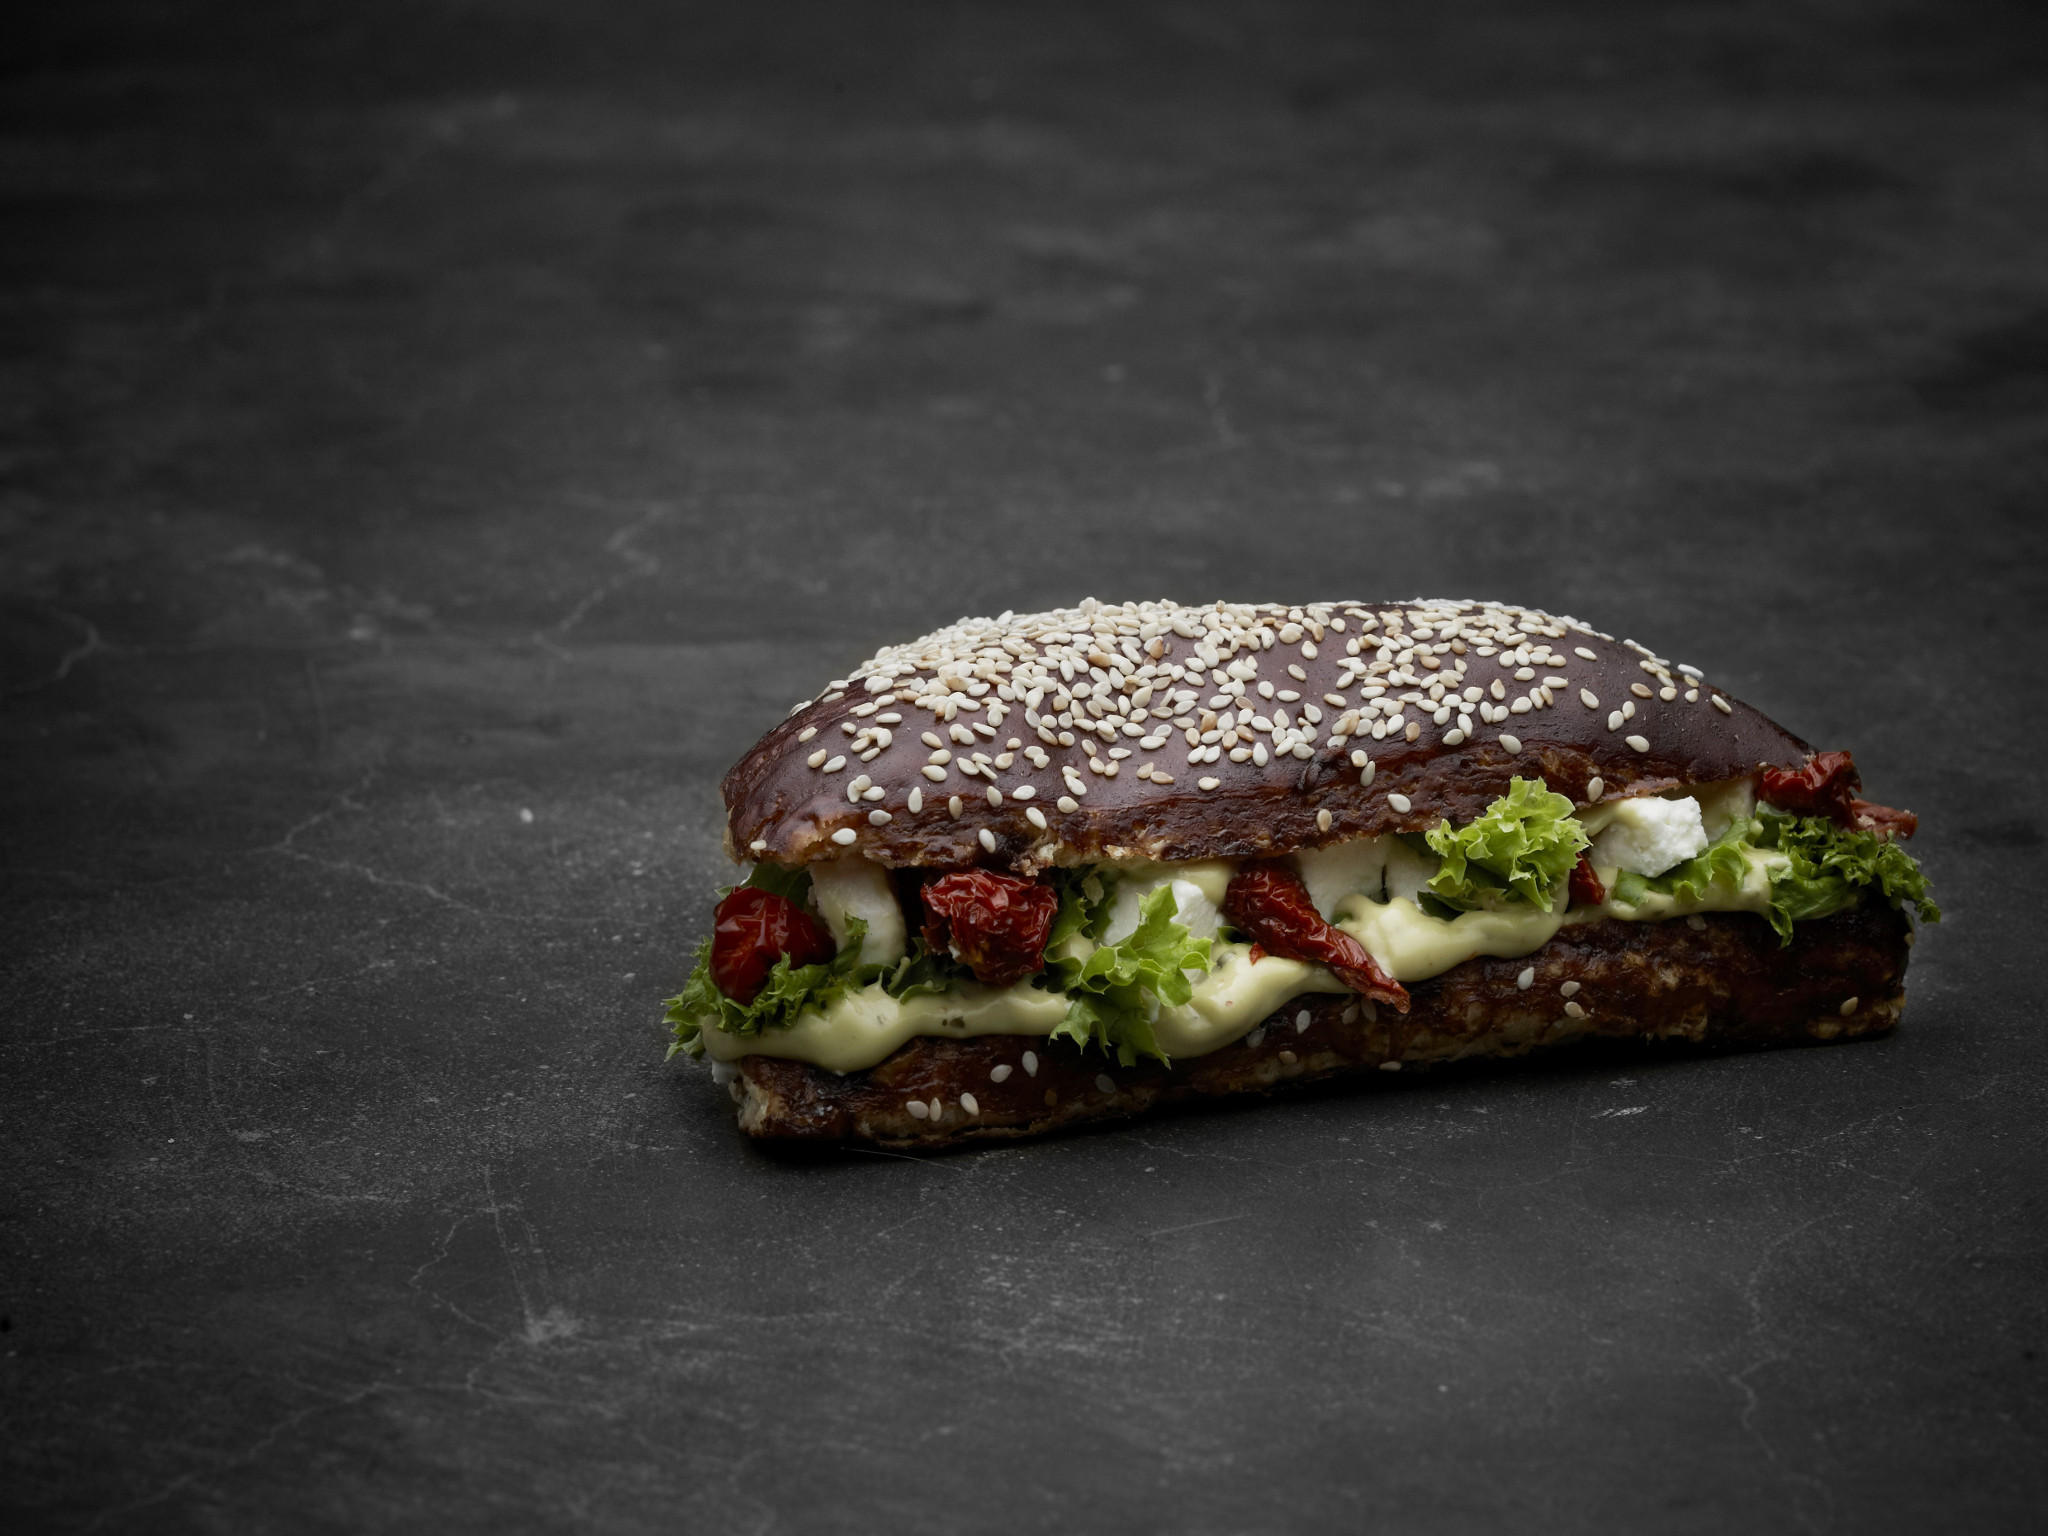 Gesund und lecker: Der Snack des Monats der Bäckerei Papperts. Foto: Bäckerei Papperts